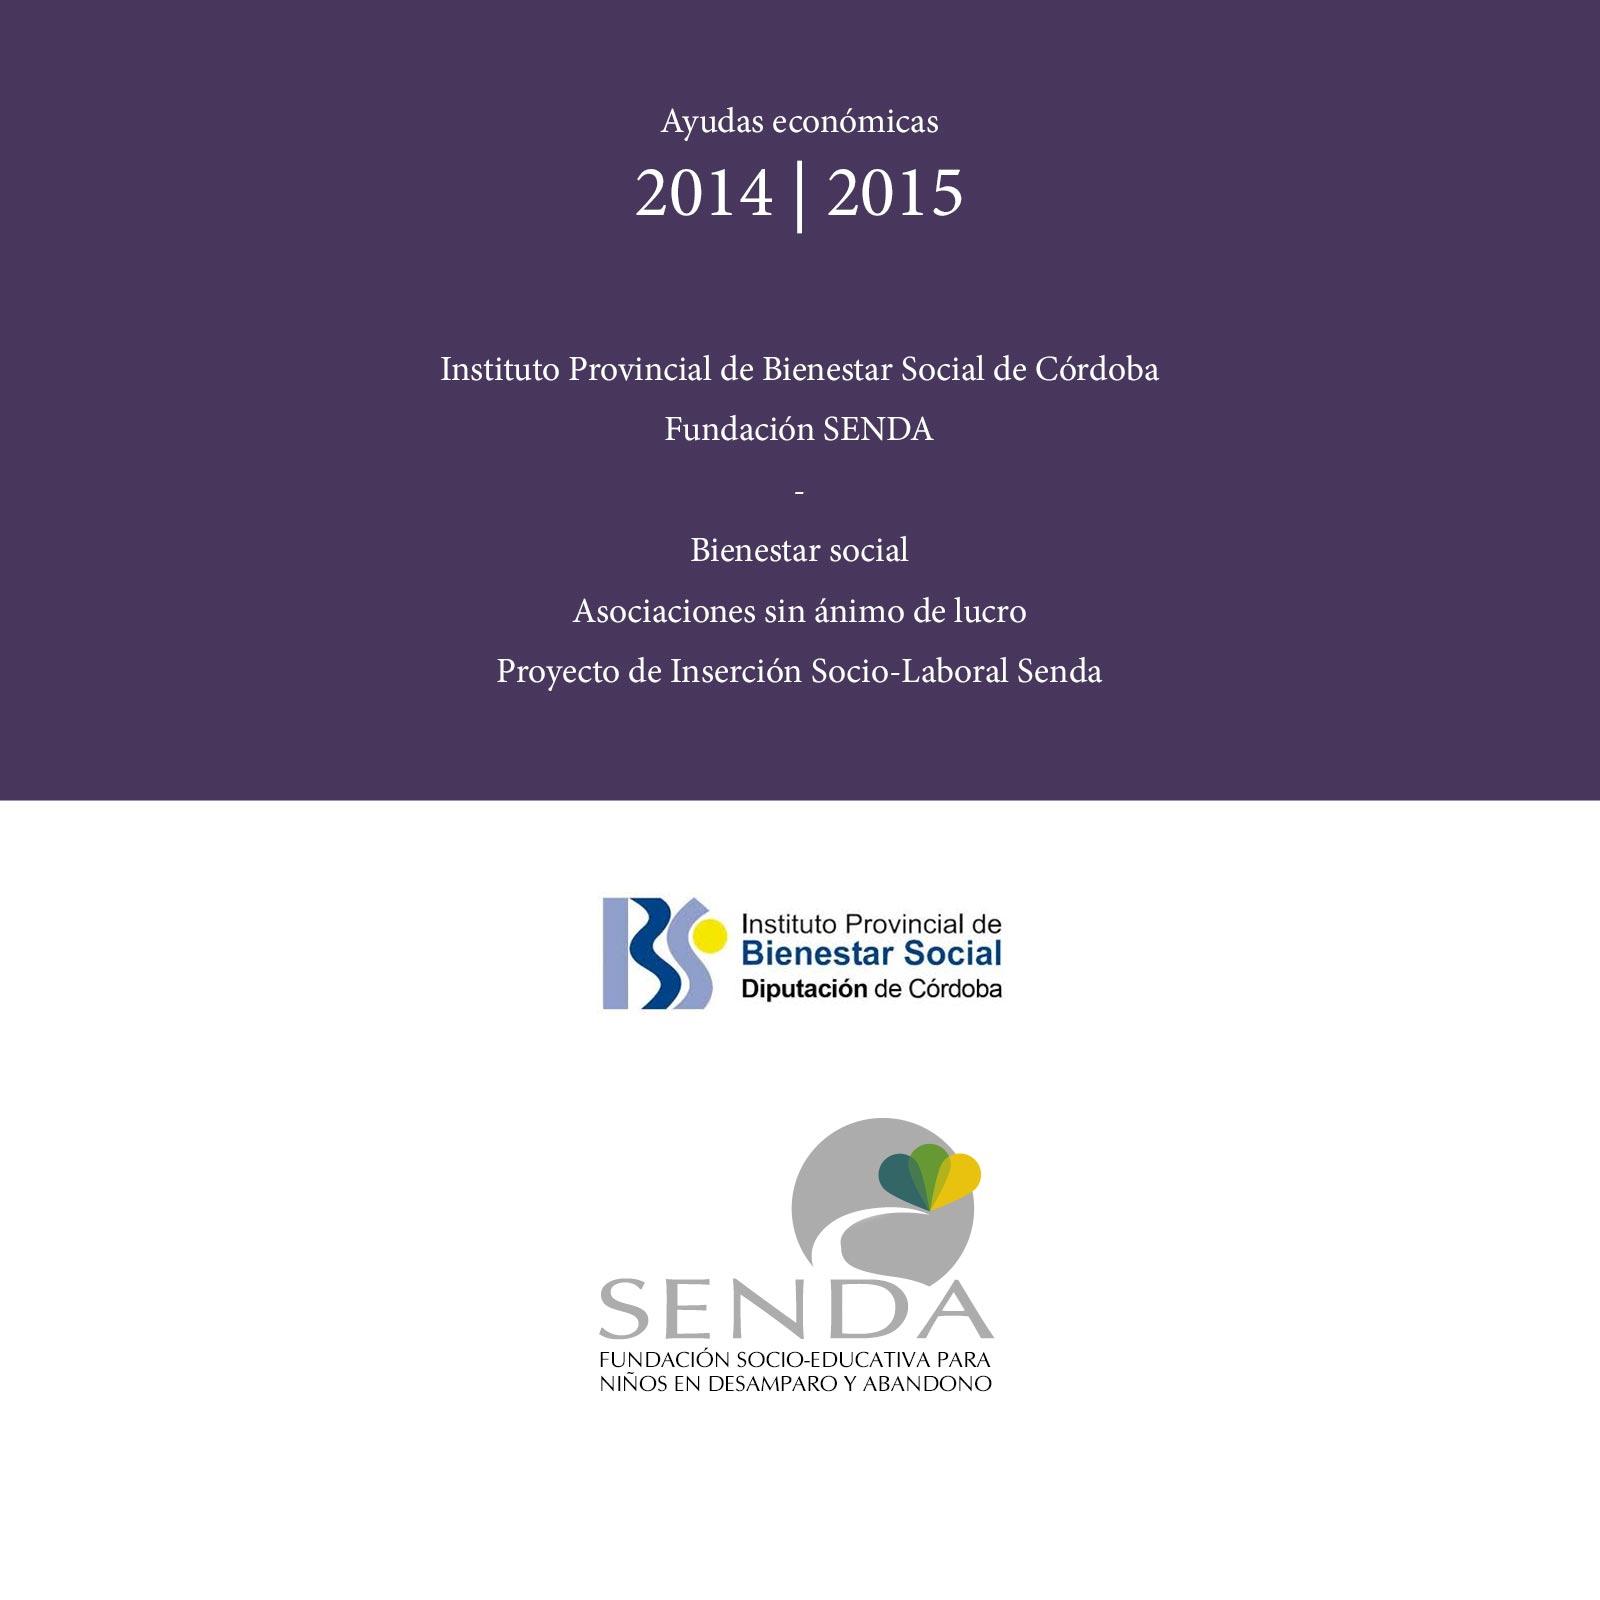 ayudas IPBS Córdoba Fundación Senda